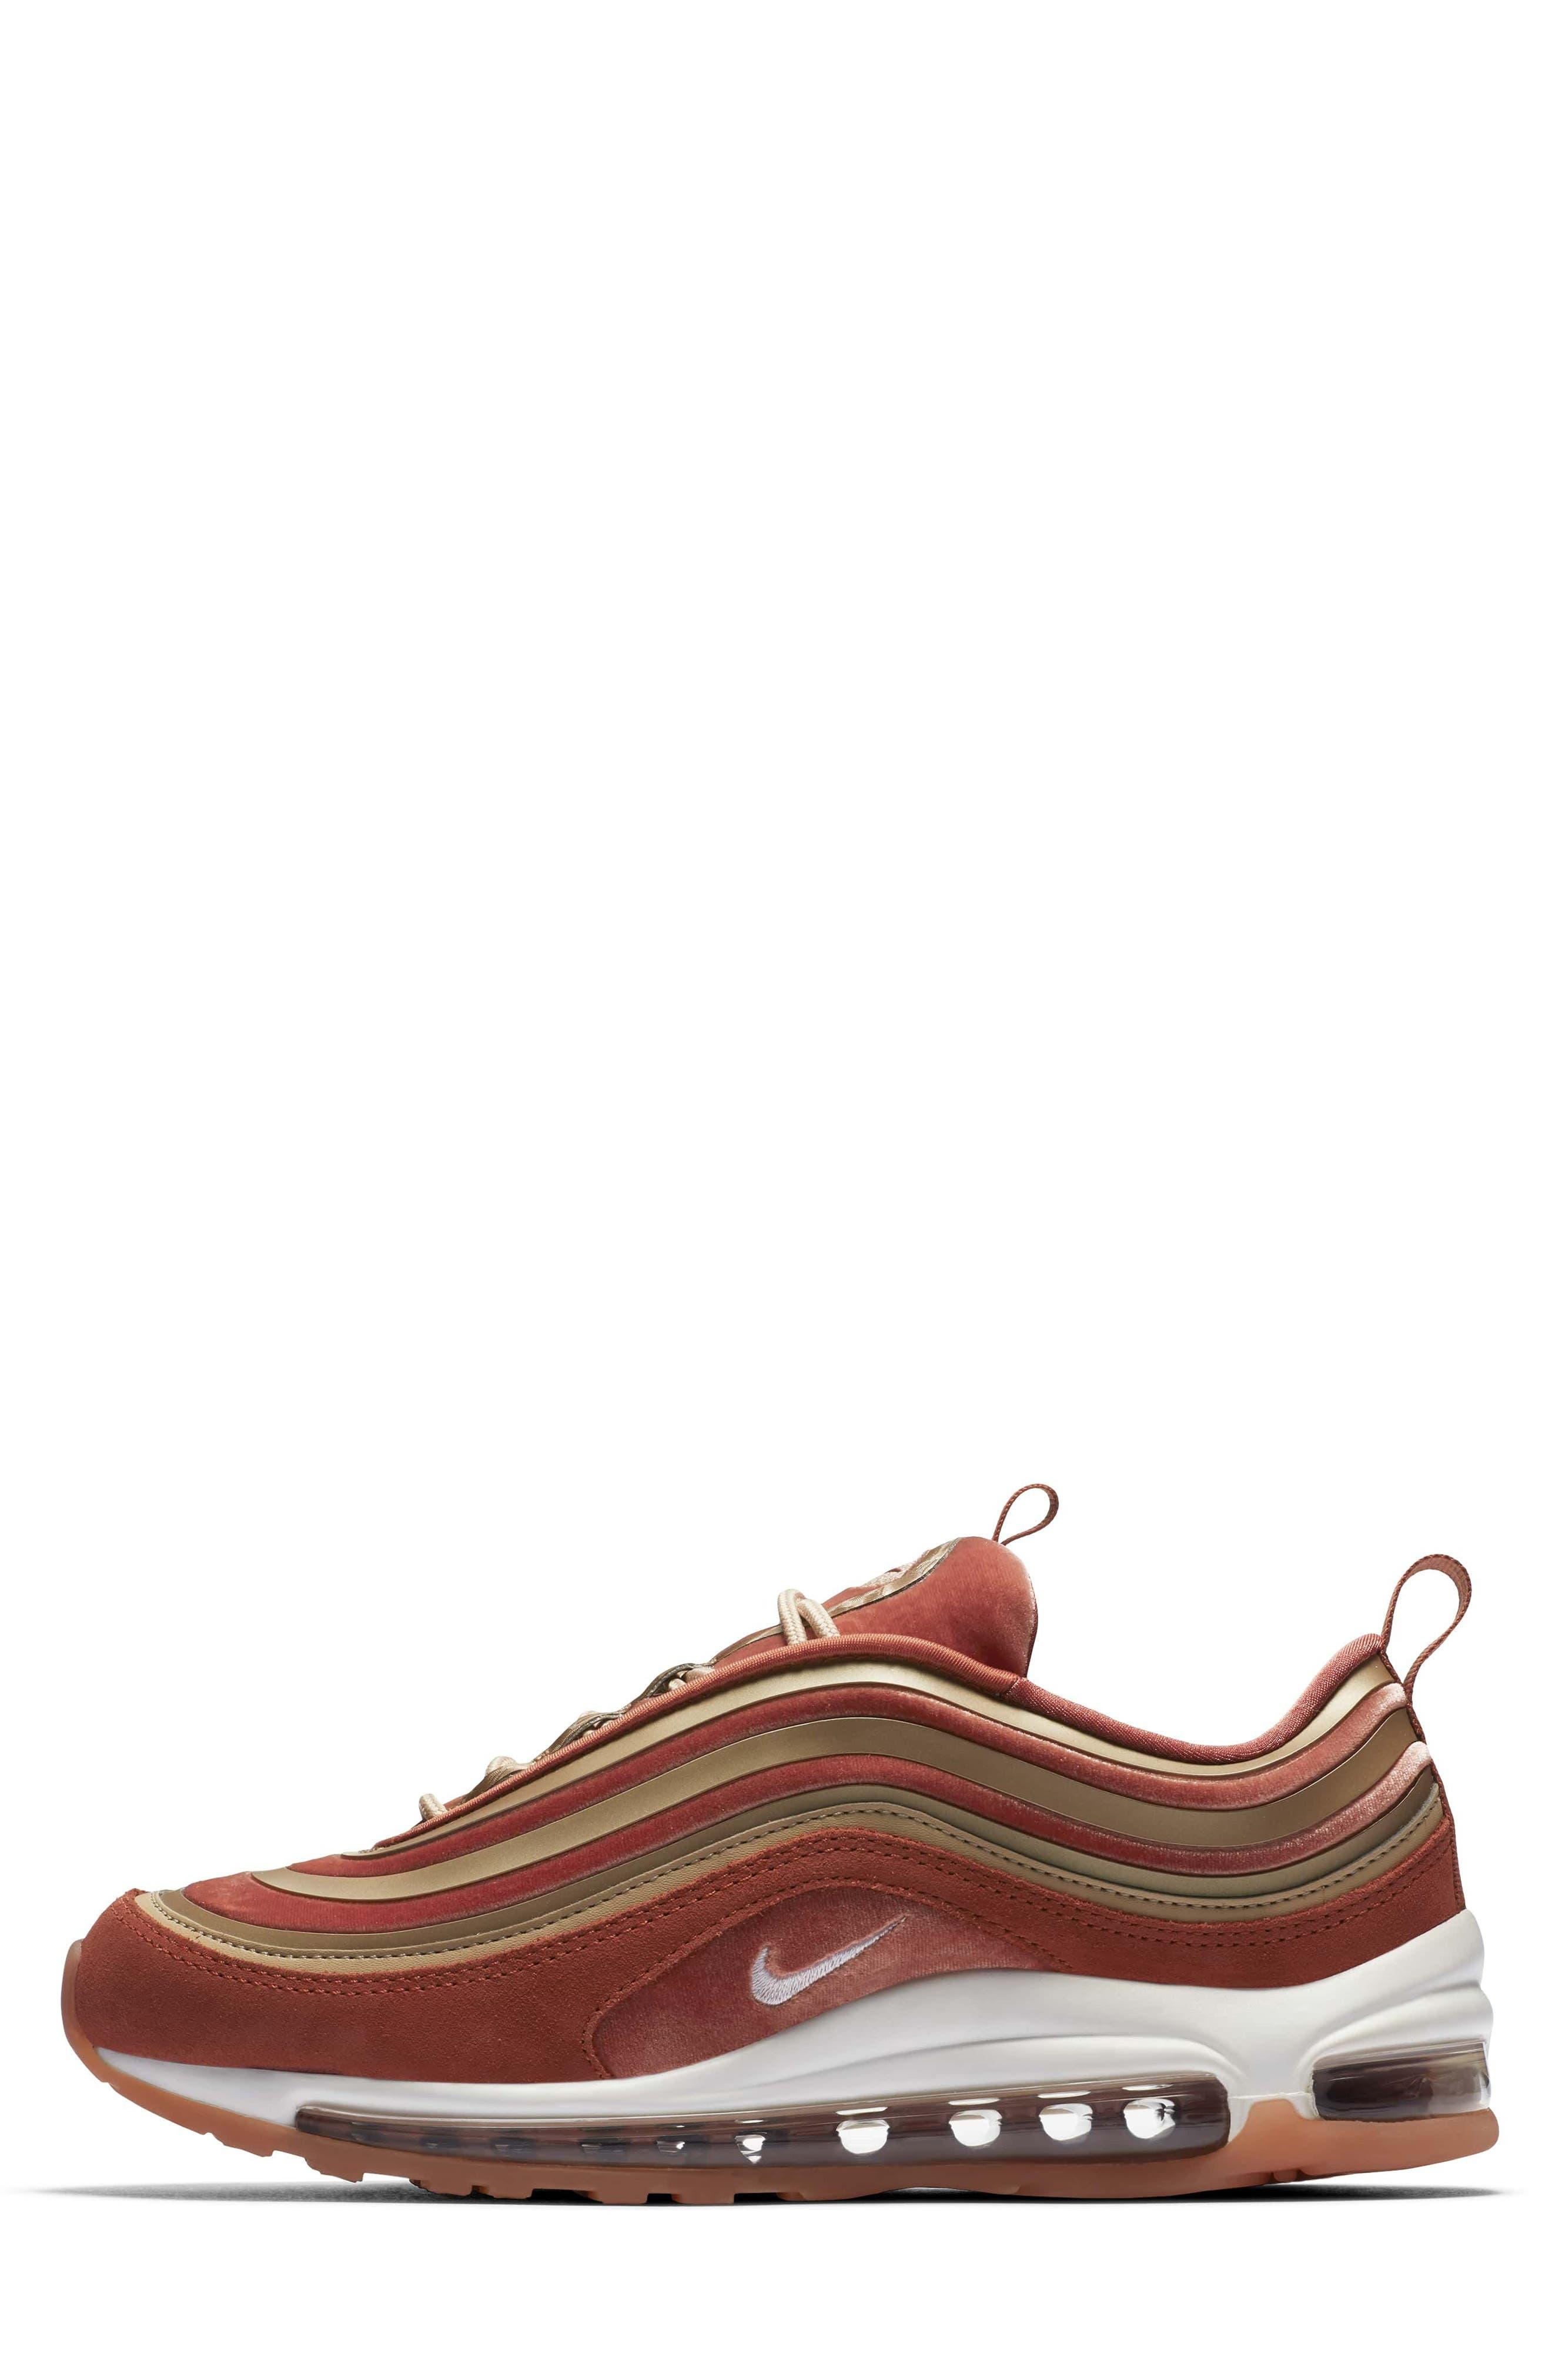 Air Max 97 Ultra '17 LX Sneaker,                             Main thumbnail 1, color,                             Dusty Peach/ Summit White